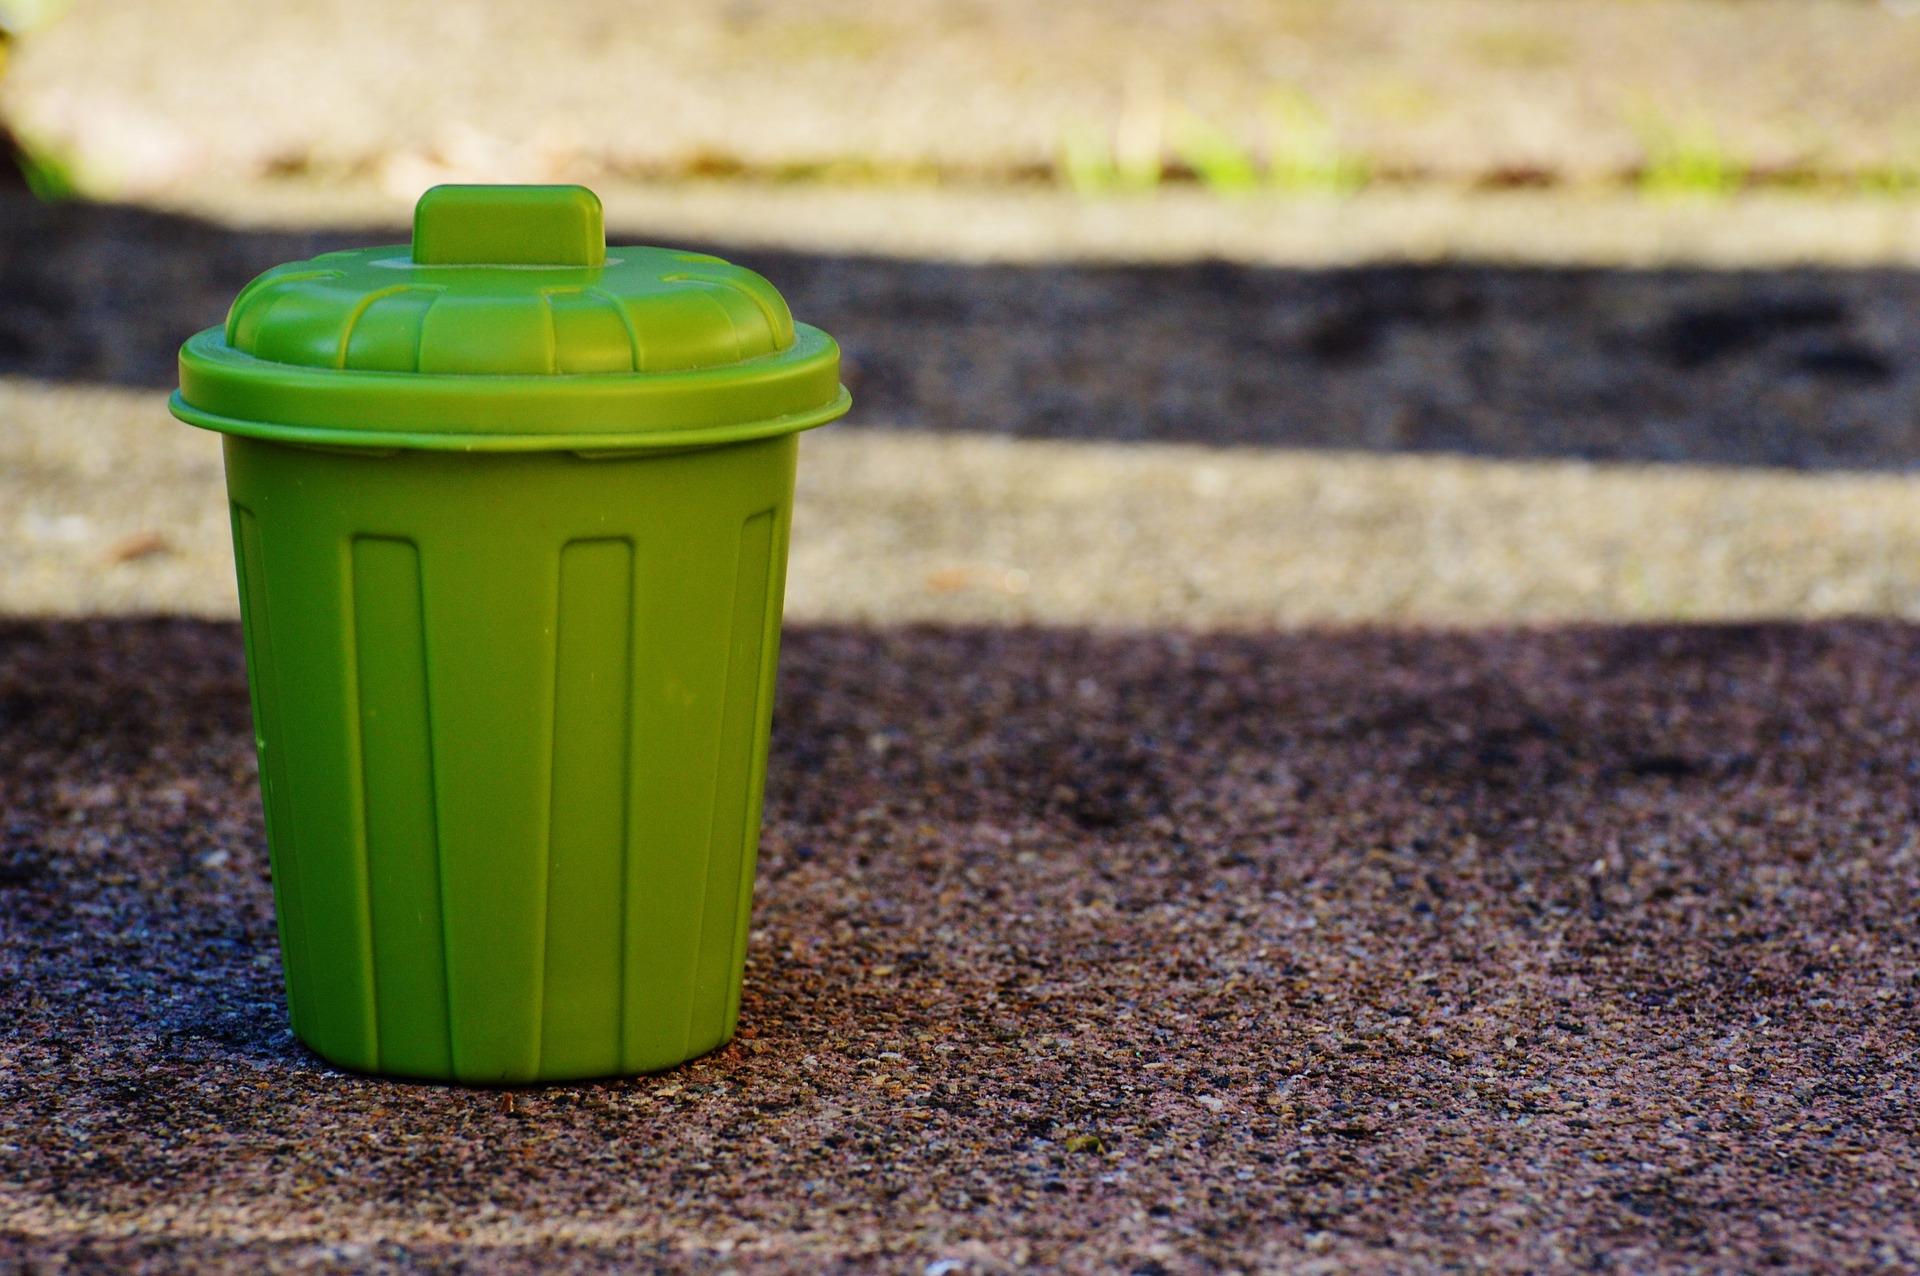 Quelle est la quantité de déchets produite chaque année en France ?